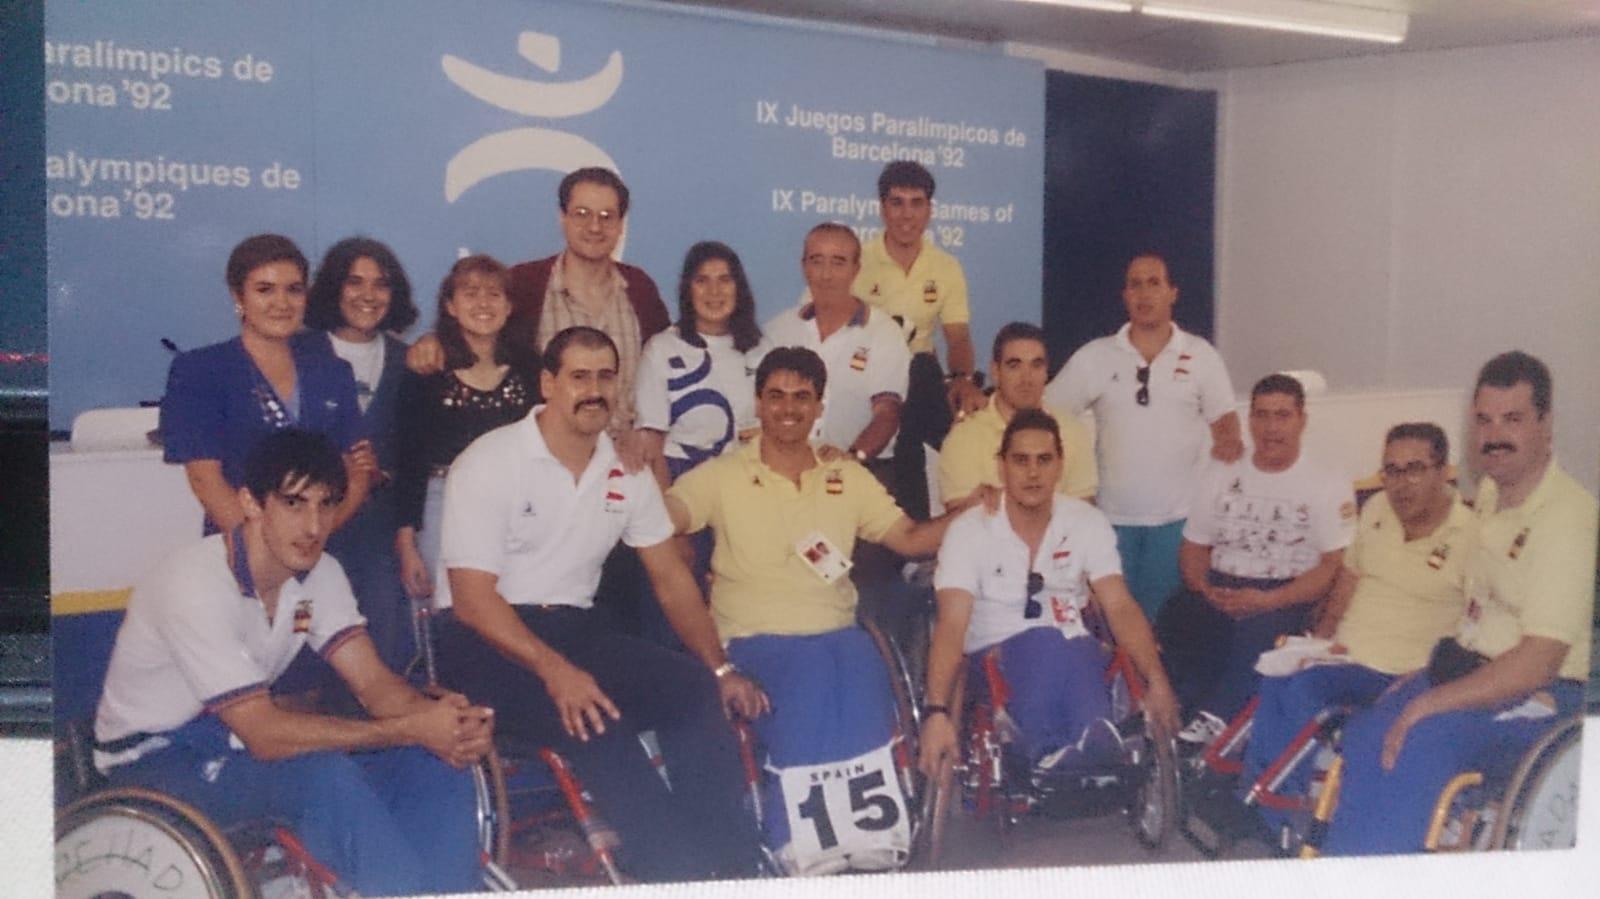 Eloy Guerrero, segundo por la derecha, con la selección en Barcelona 92.